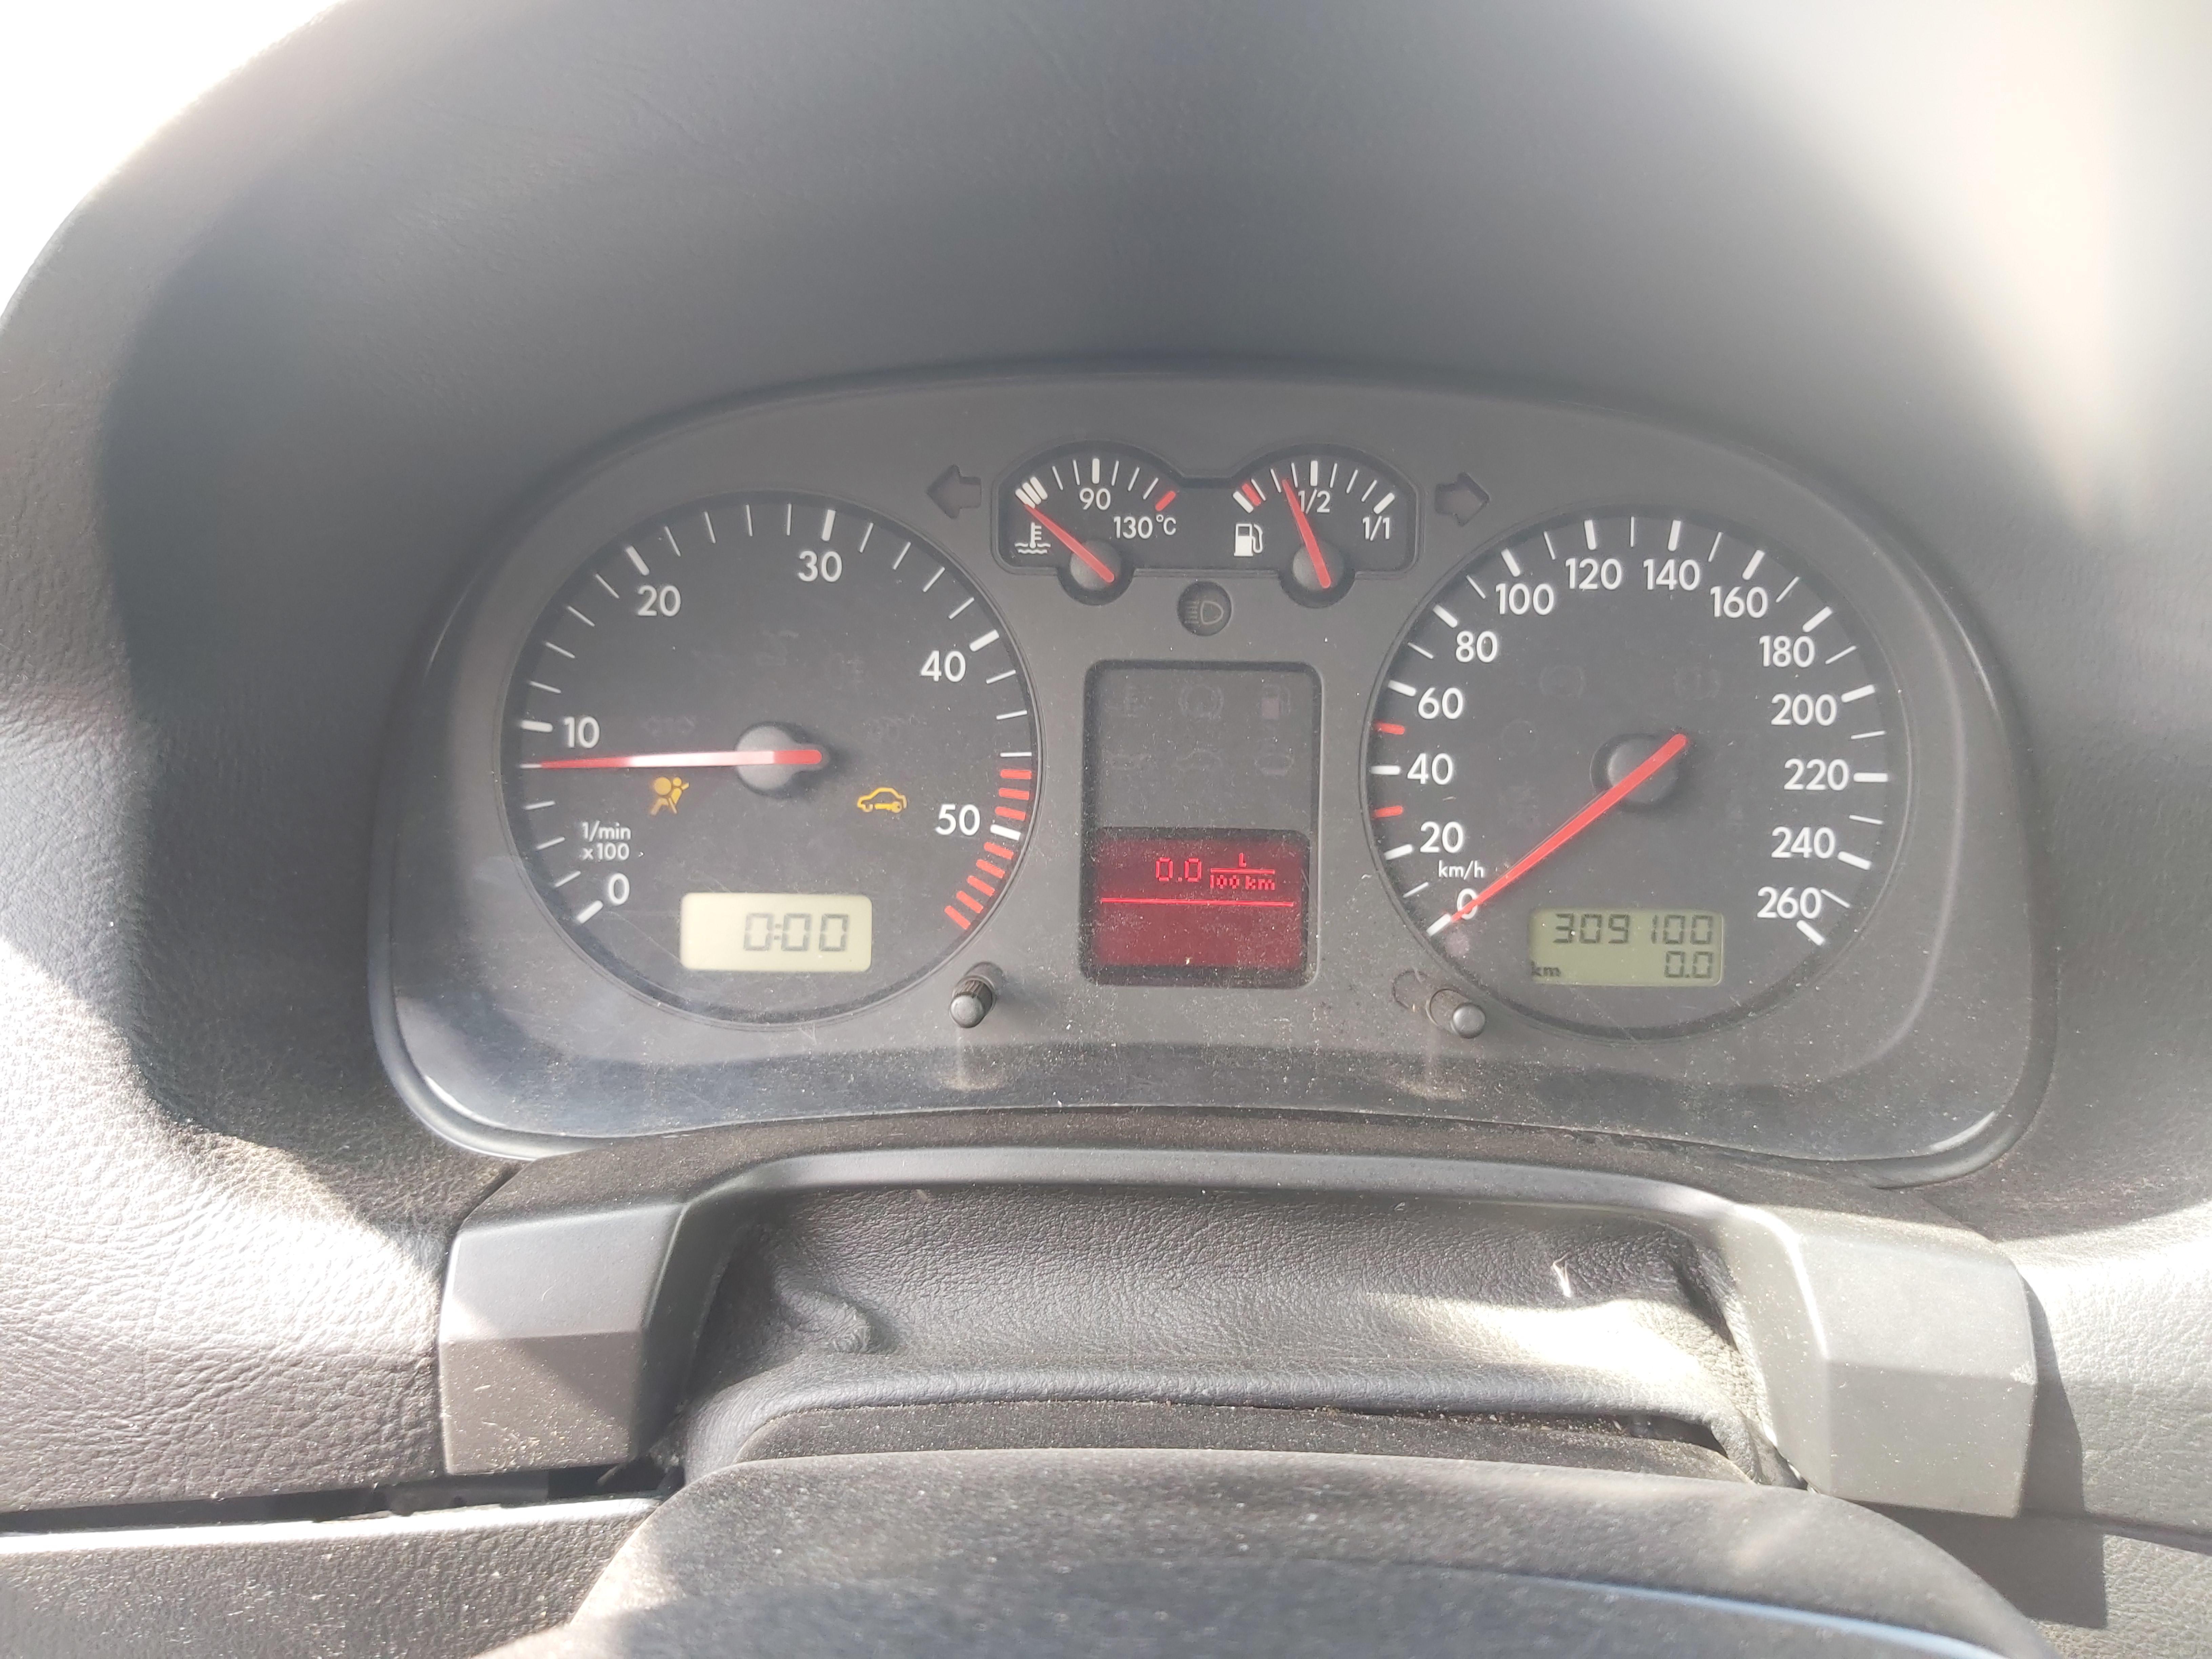 Подержанные Автозапчасти Volkswagen GOLF 1999 1.9 машиностроение хэтчбэк 2/3 d. Серый 2020-8-04